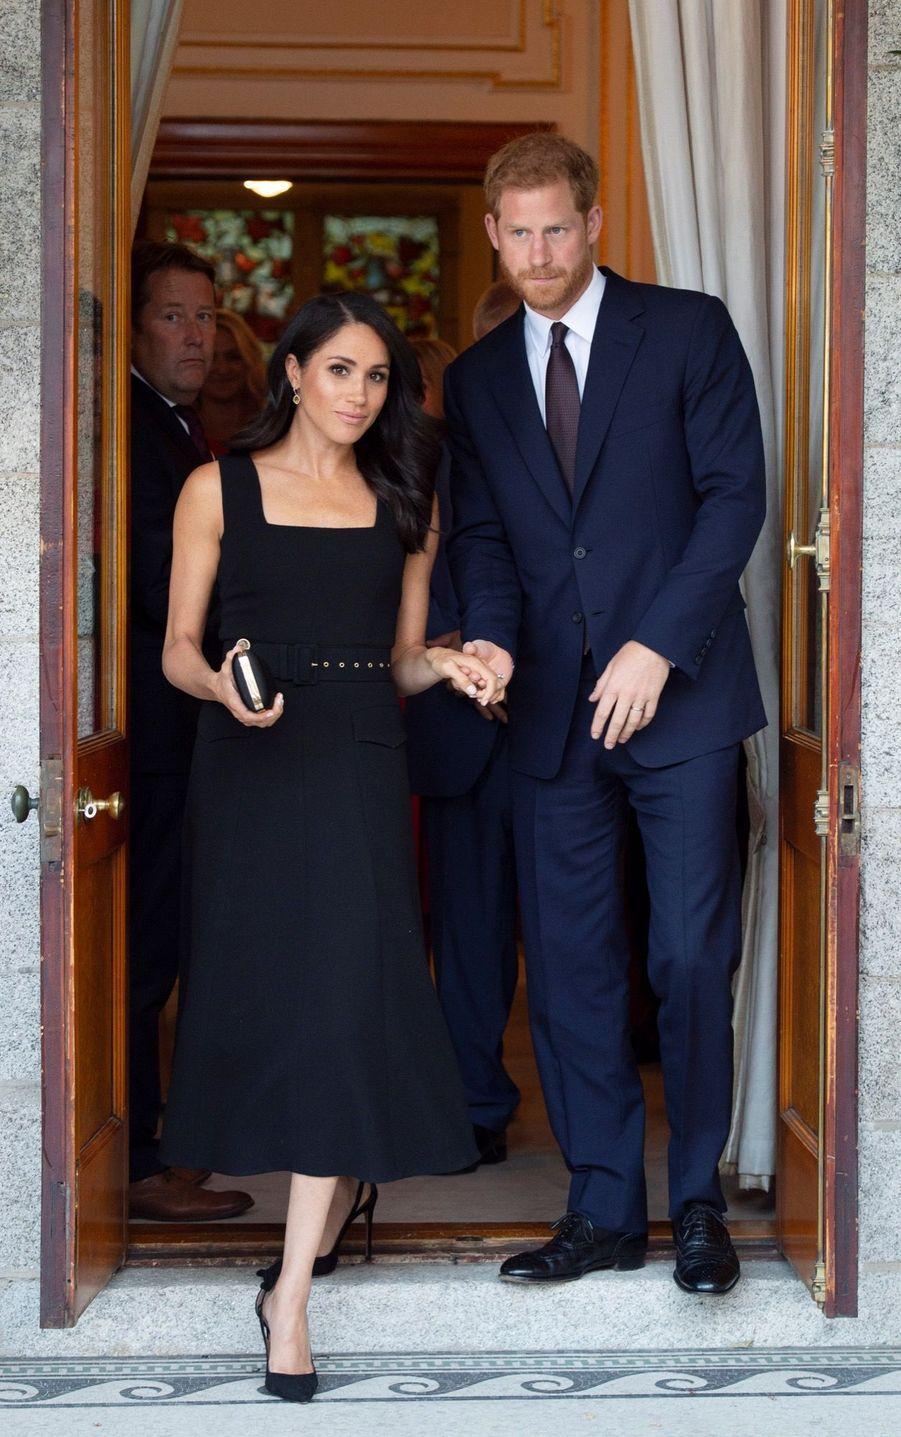 Meghan et Harry, main dans la main, à l'ambassade britannique à Dublin, en Irlande, le 10 juillet 2018.